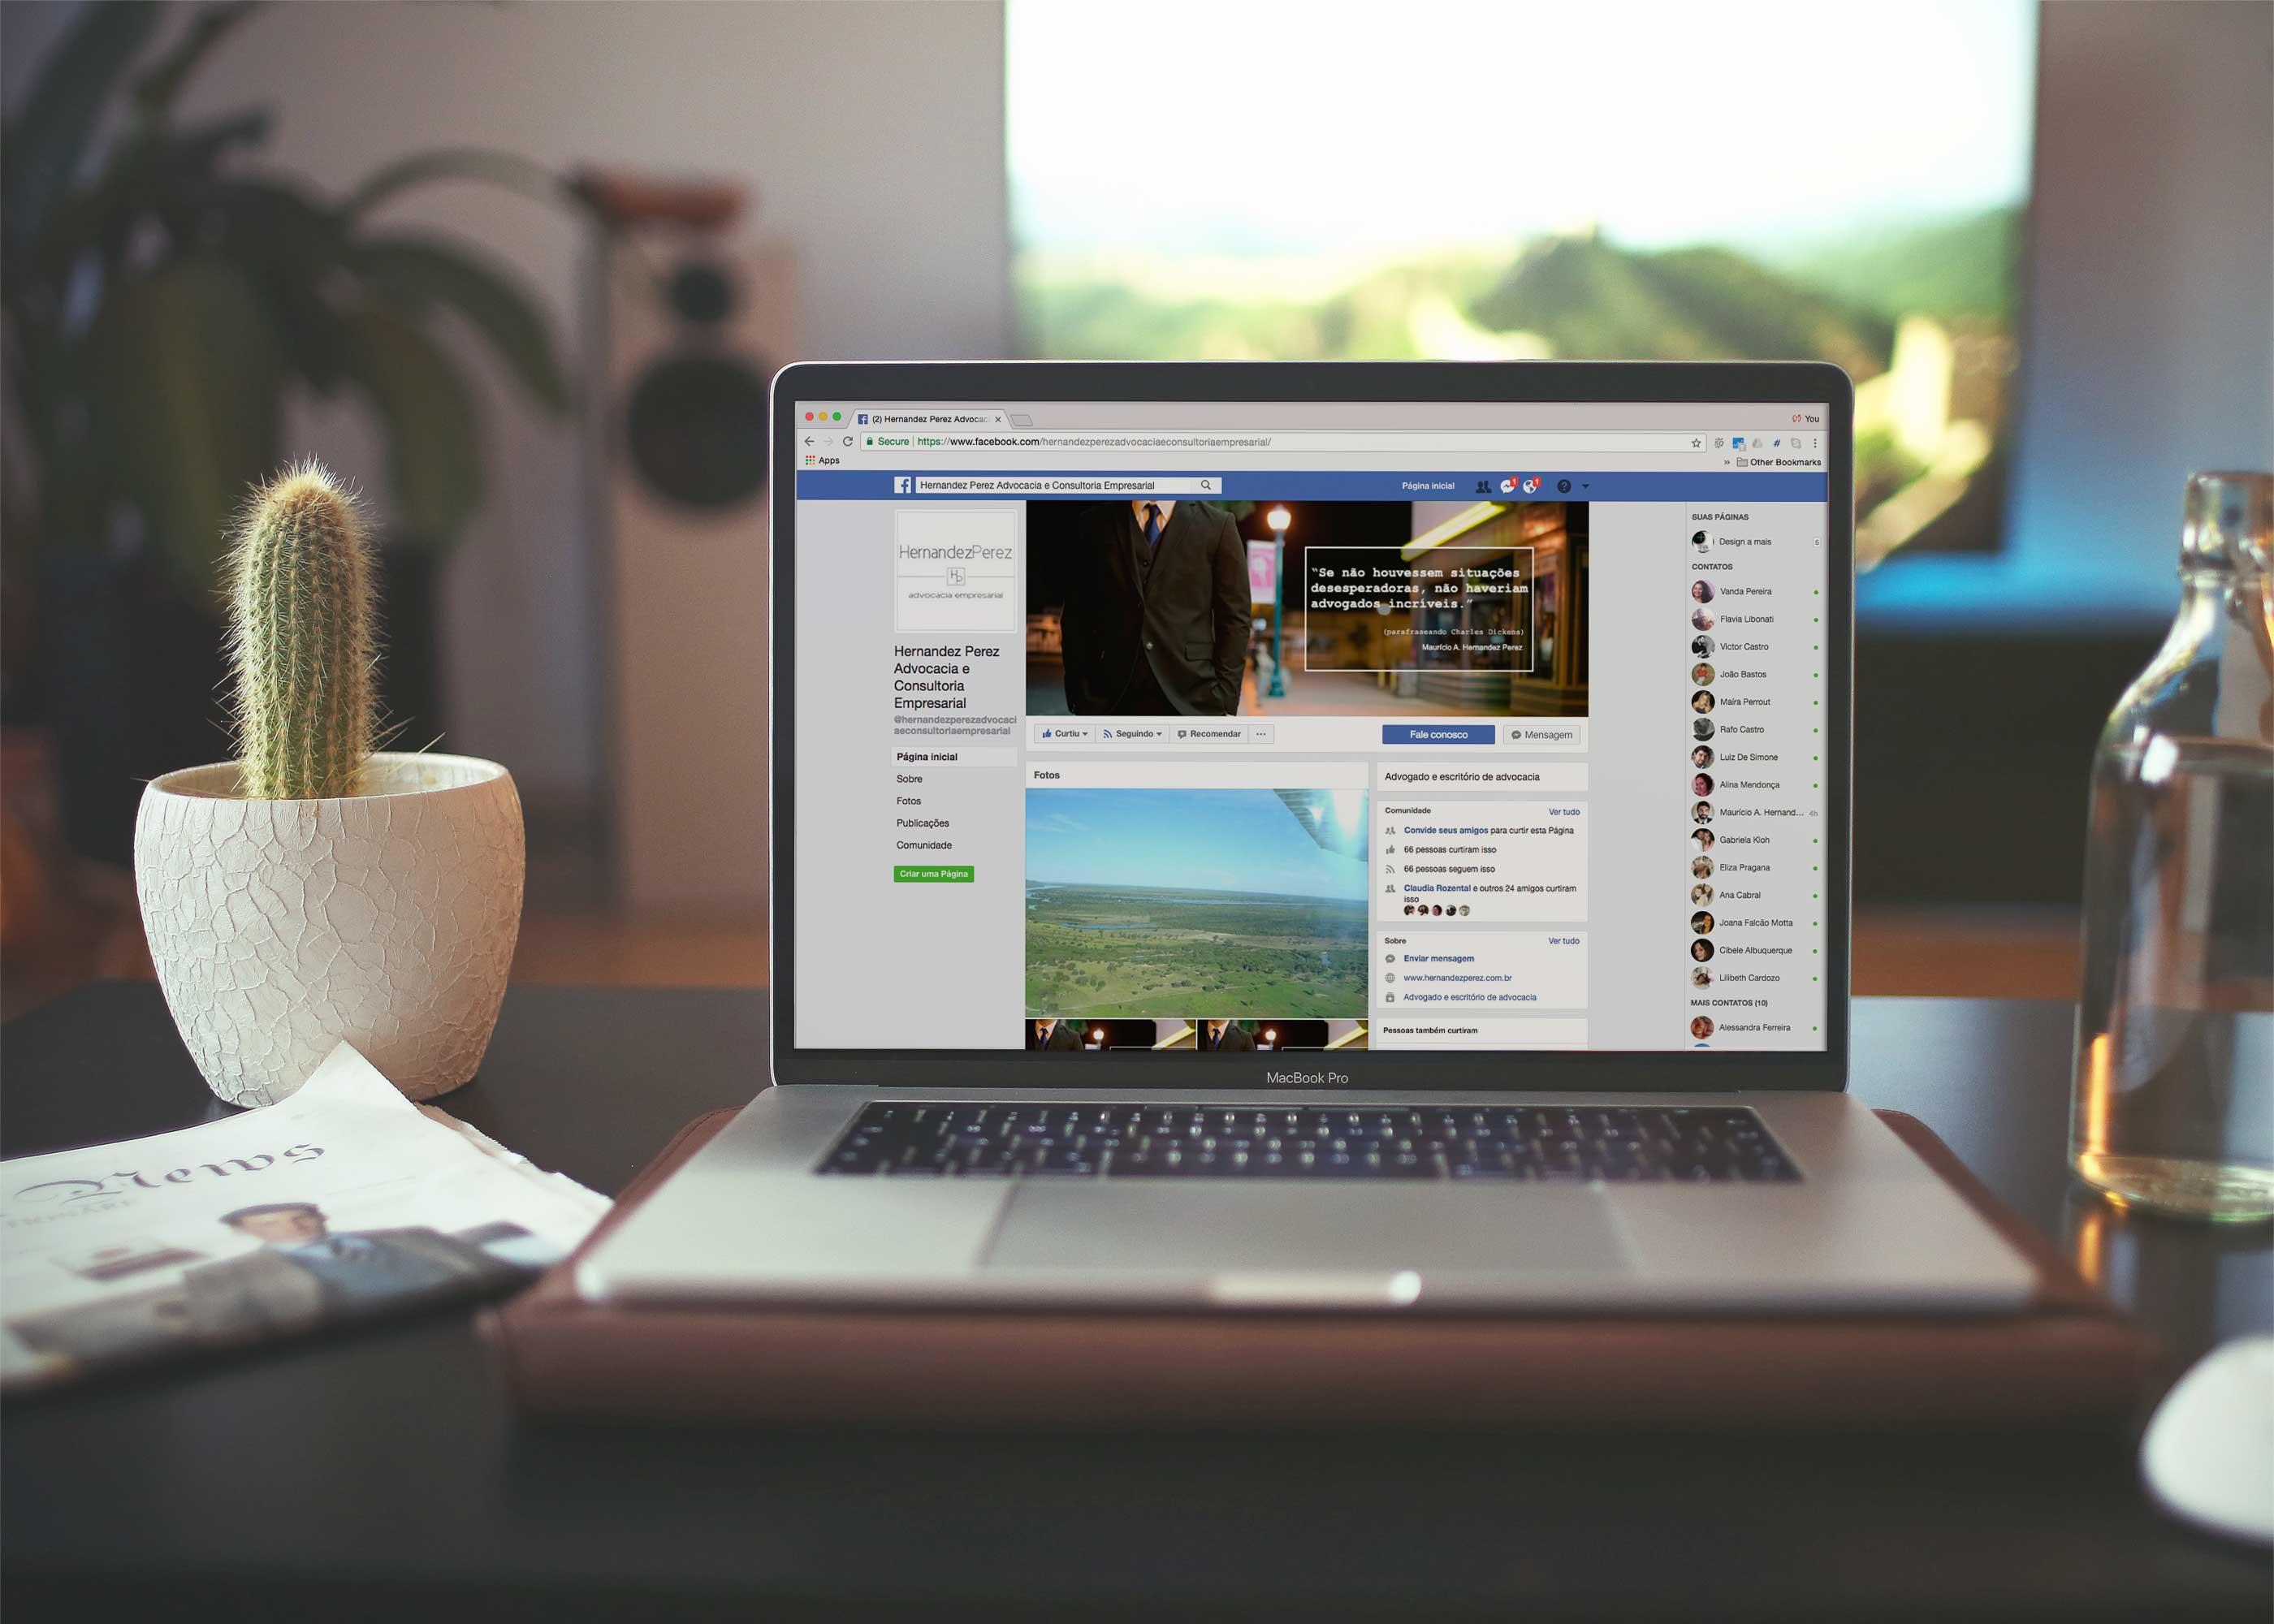 foto-de-capa-facebook-Hernadez-Perez-Advocacia-e-consultoria-empresarial